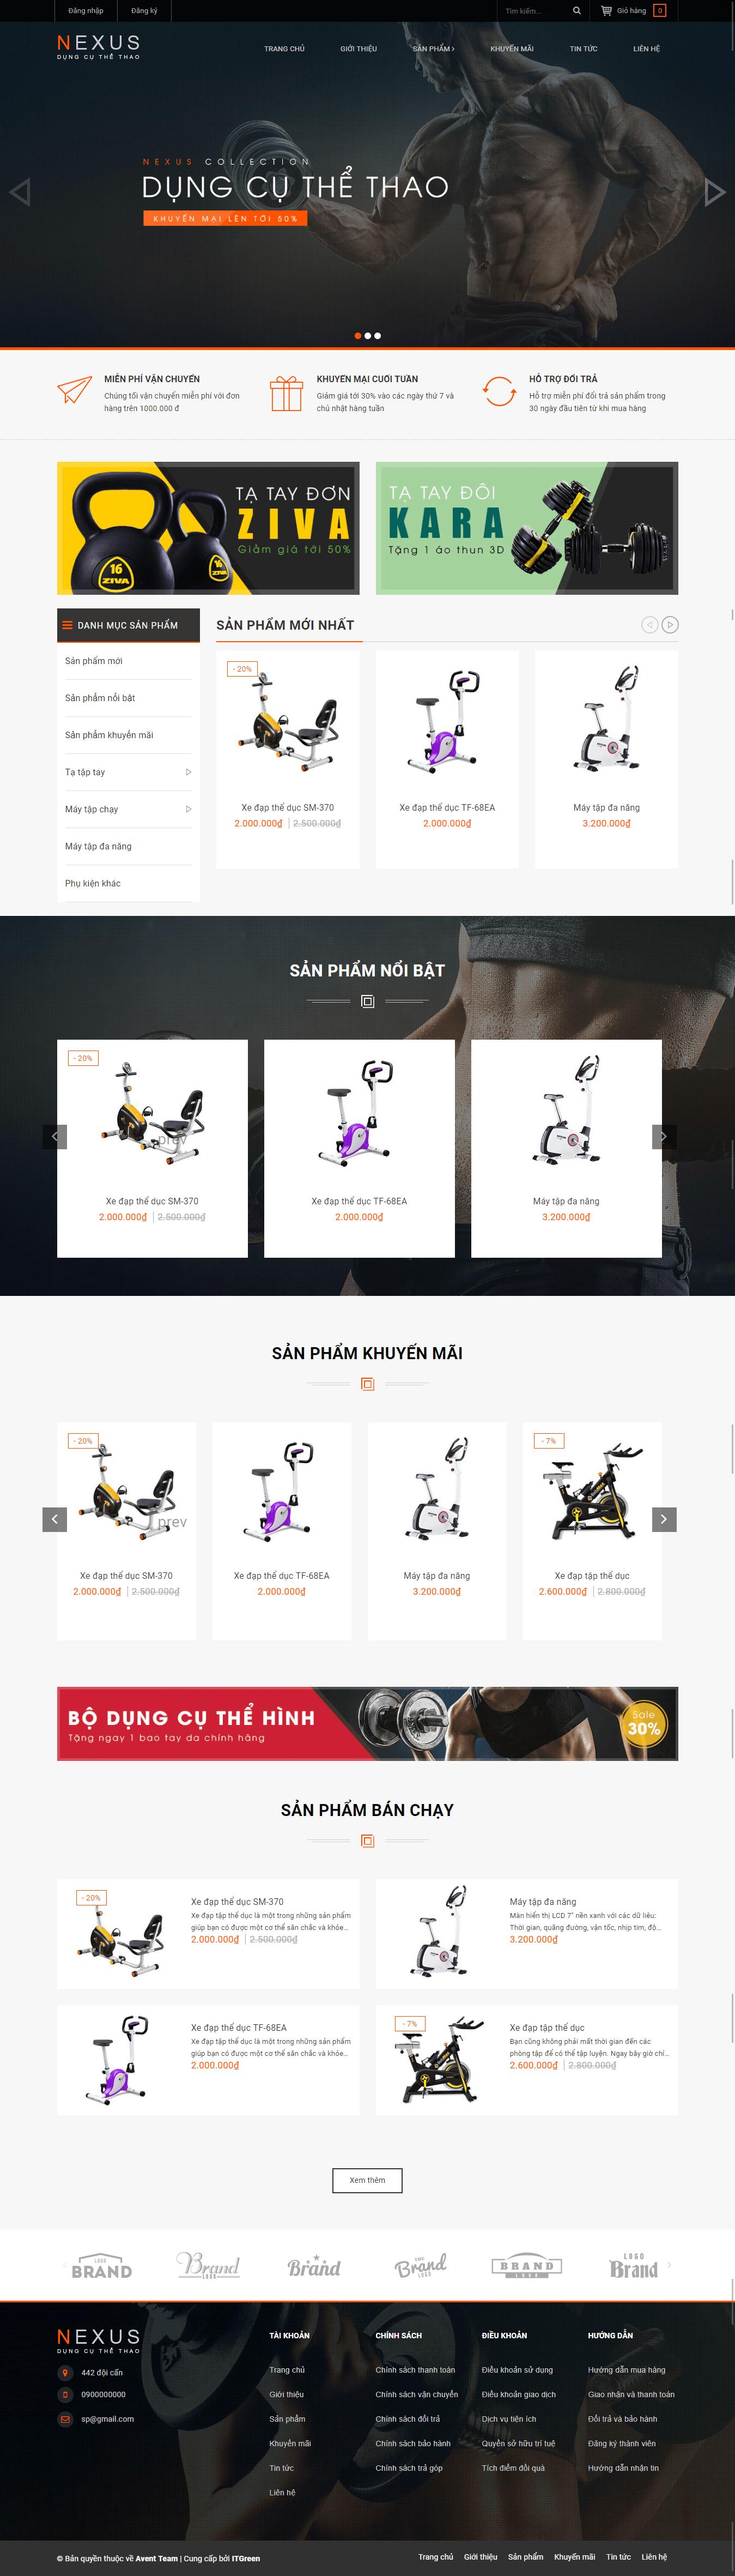 Thiết kế website Thiết kế website sản phẩm Nexus